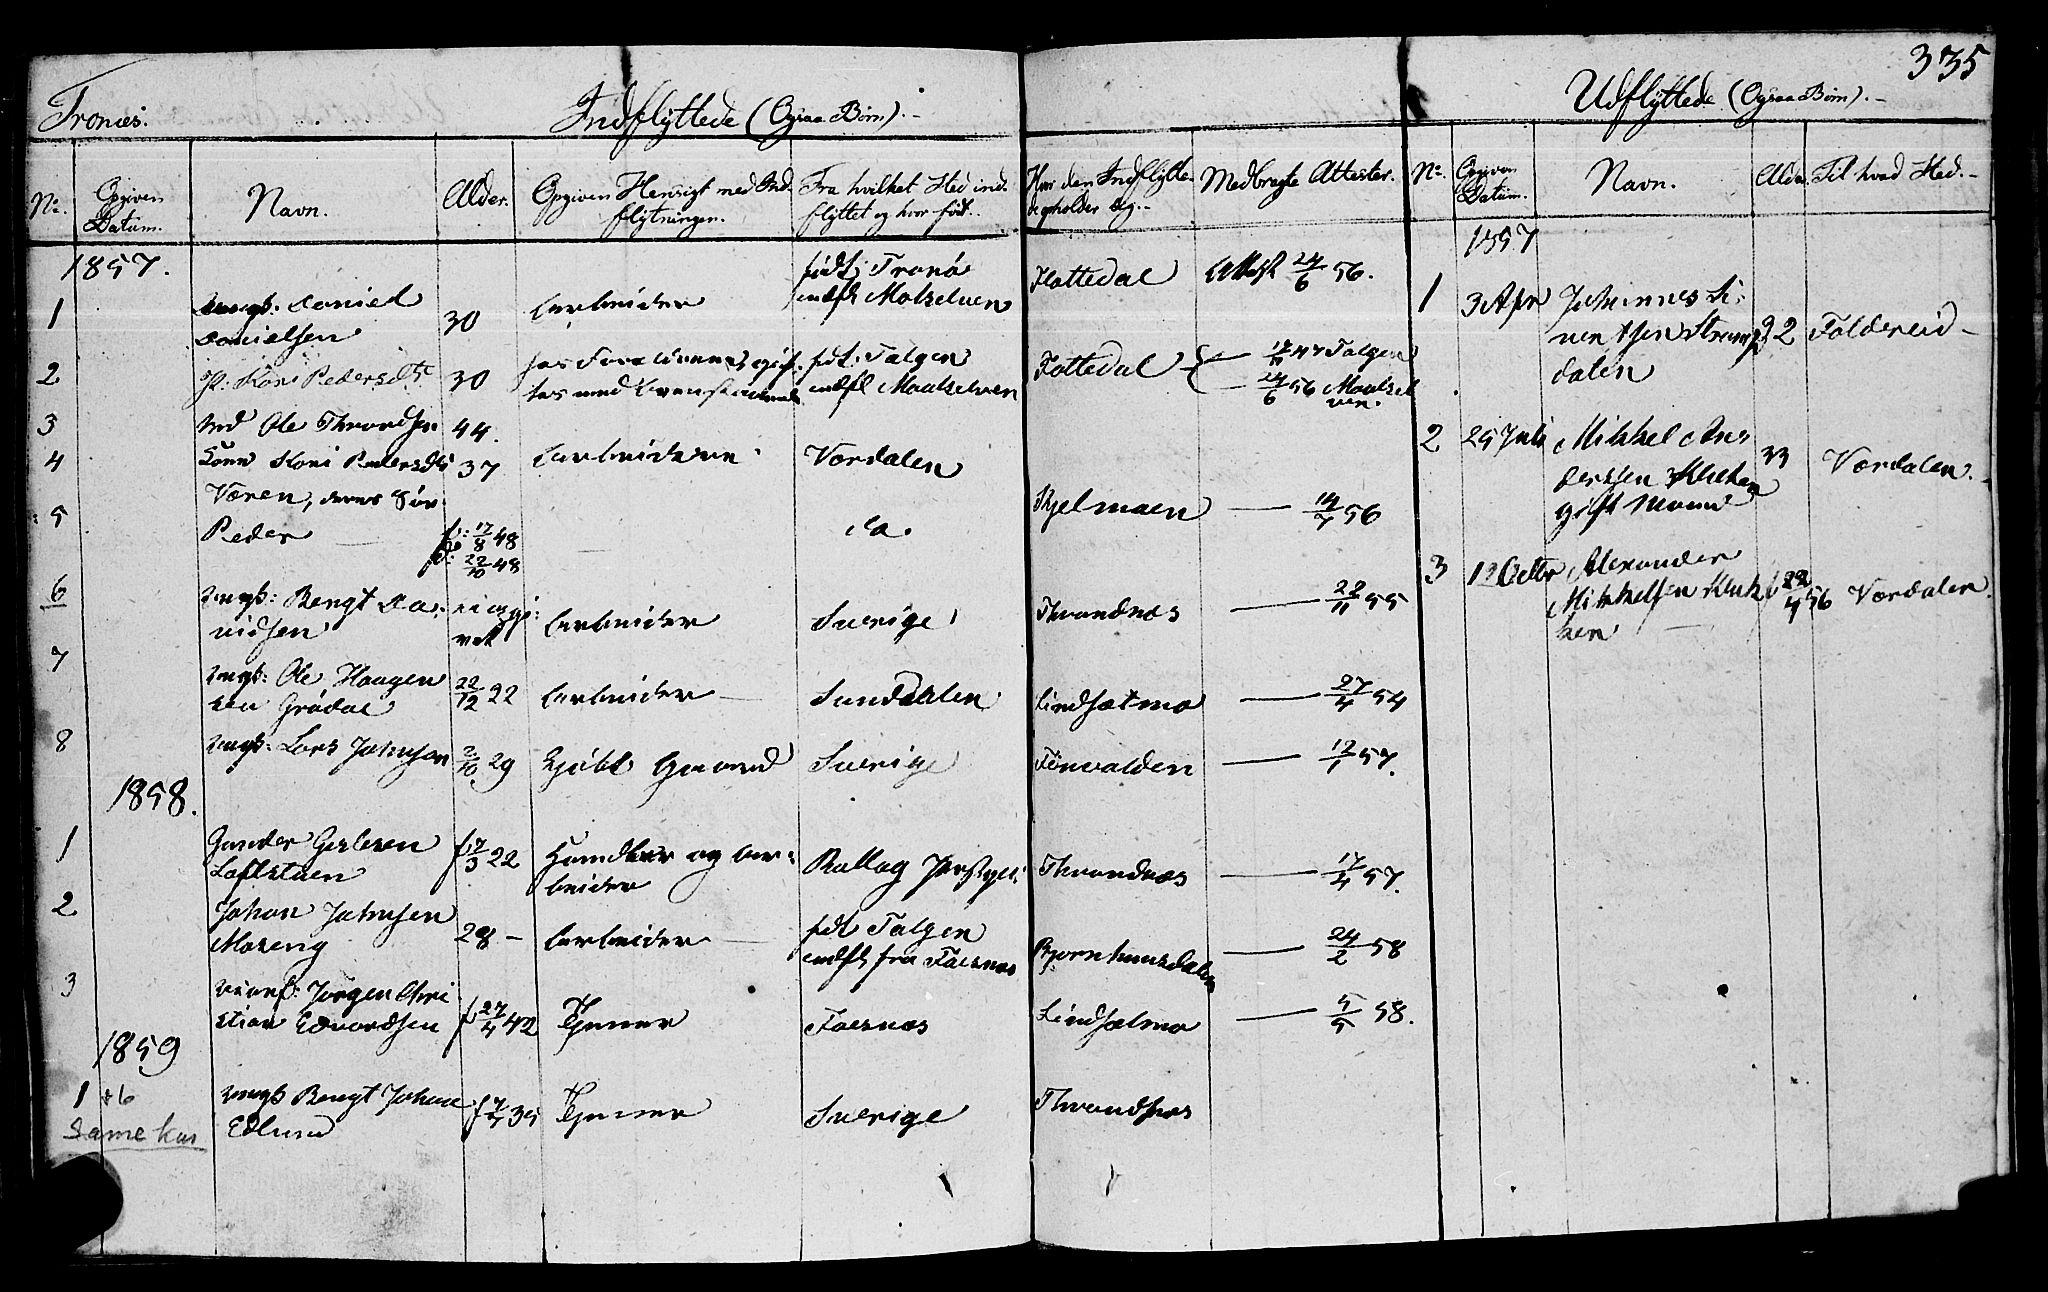 SAT, Ministerialprotokoller, klokkerbøker og fødselsregistre - Nord-Trøndelag, 762/L0538: Ministerialbok nr. 762A02 /2, 1833-1879, s. 335